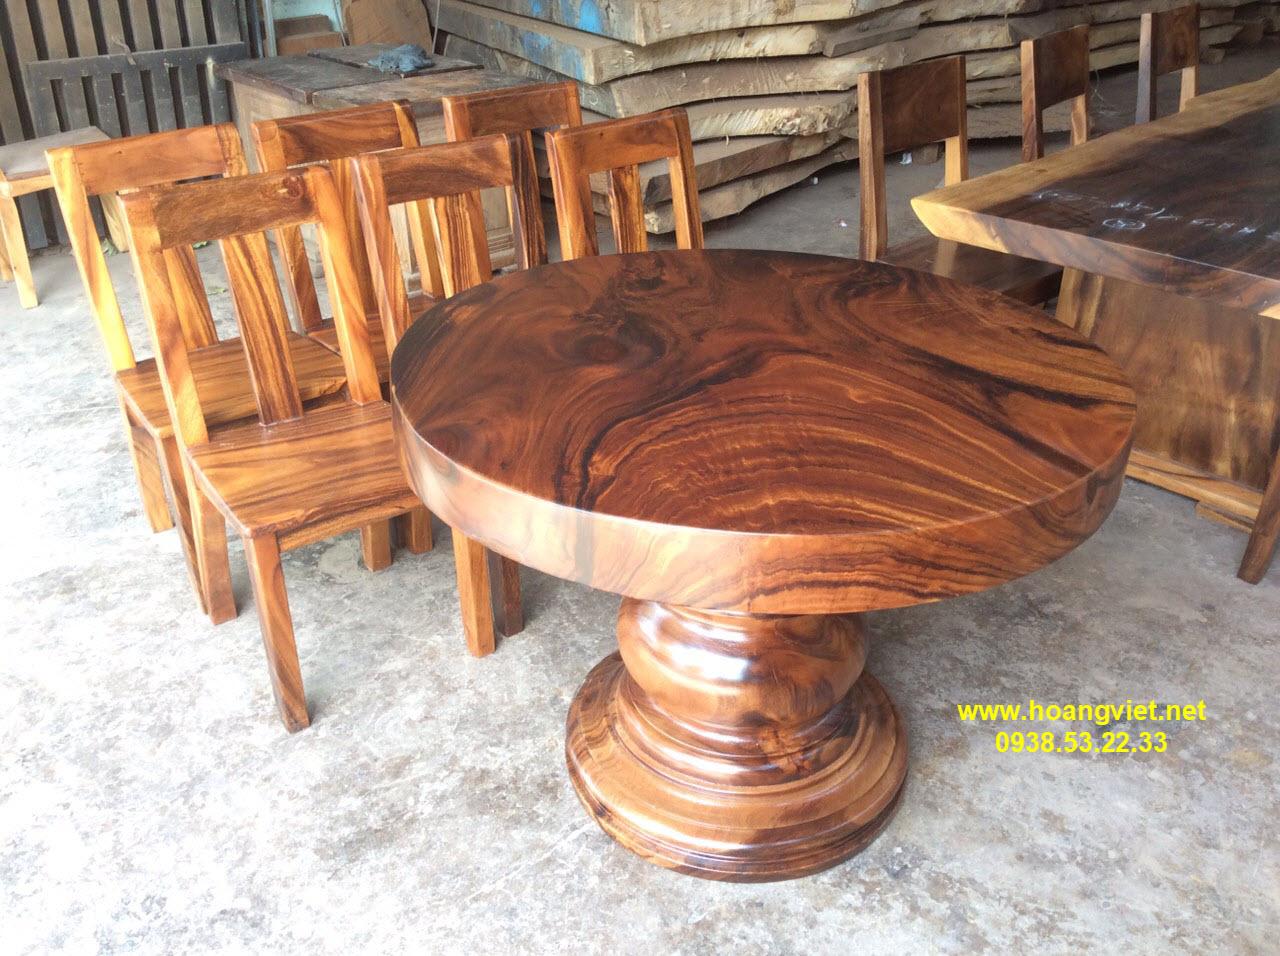 Giá bàn tròn gỗ me tây đường kinh 1m dày 10cm